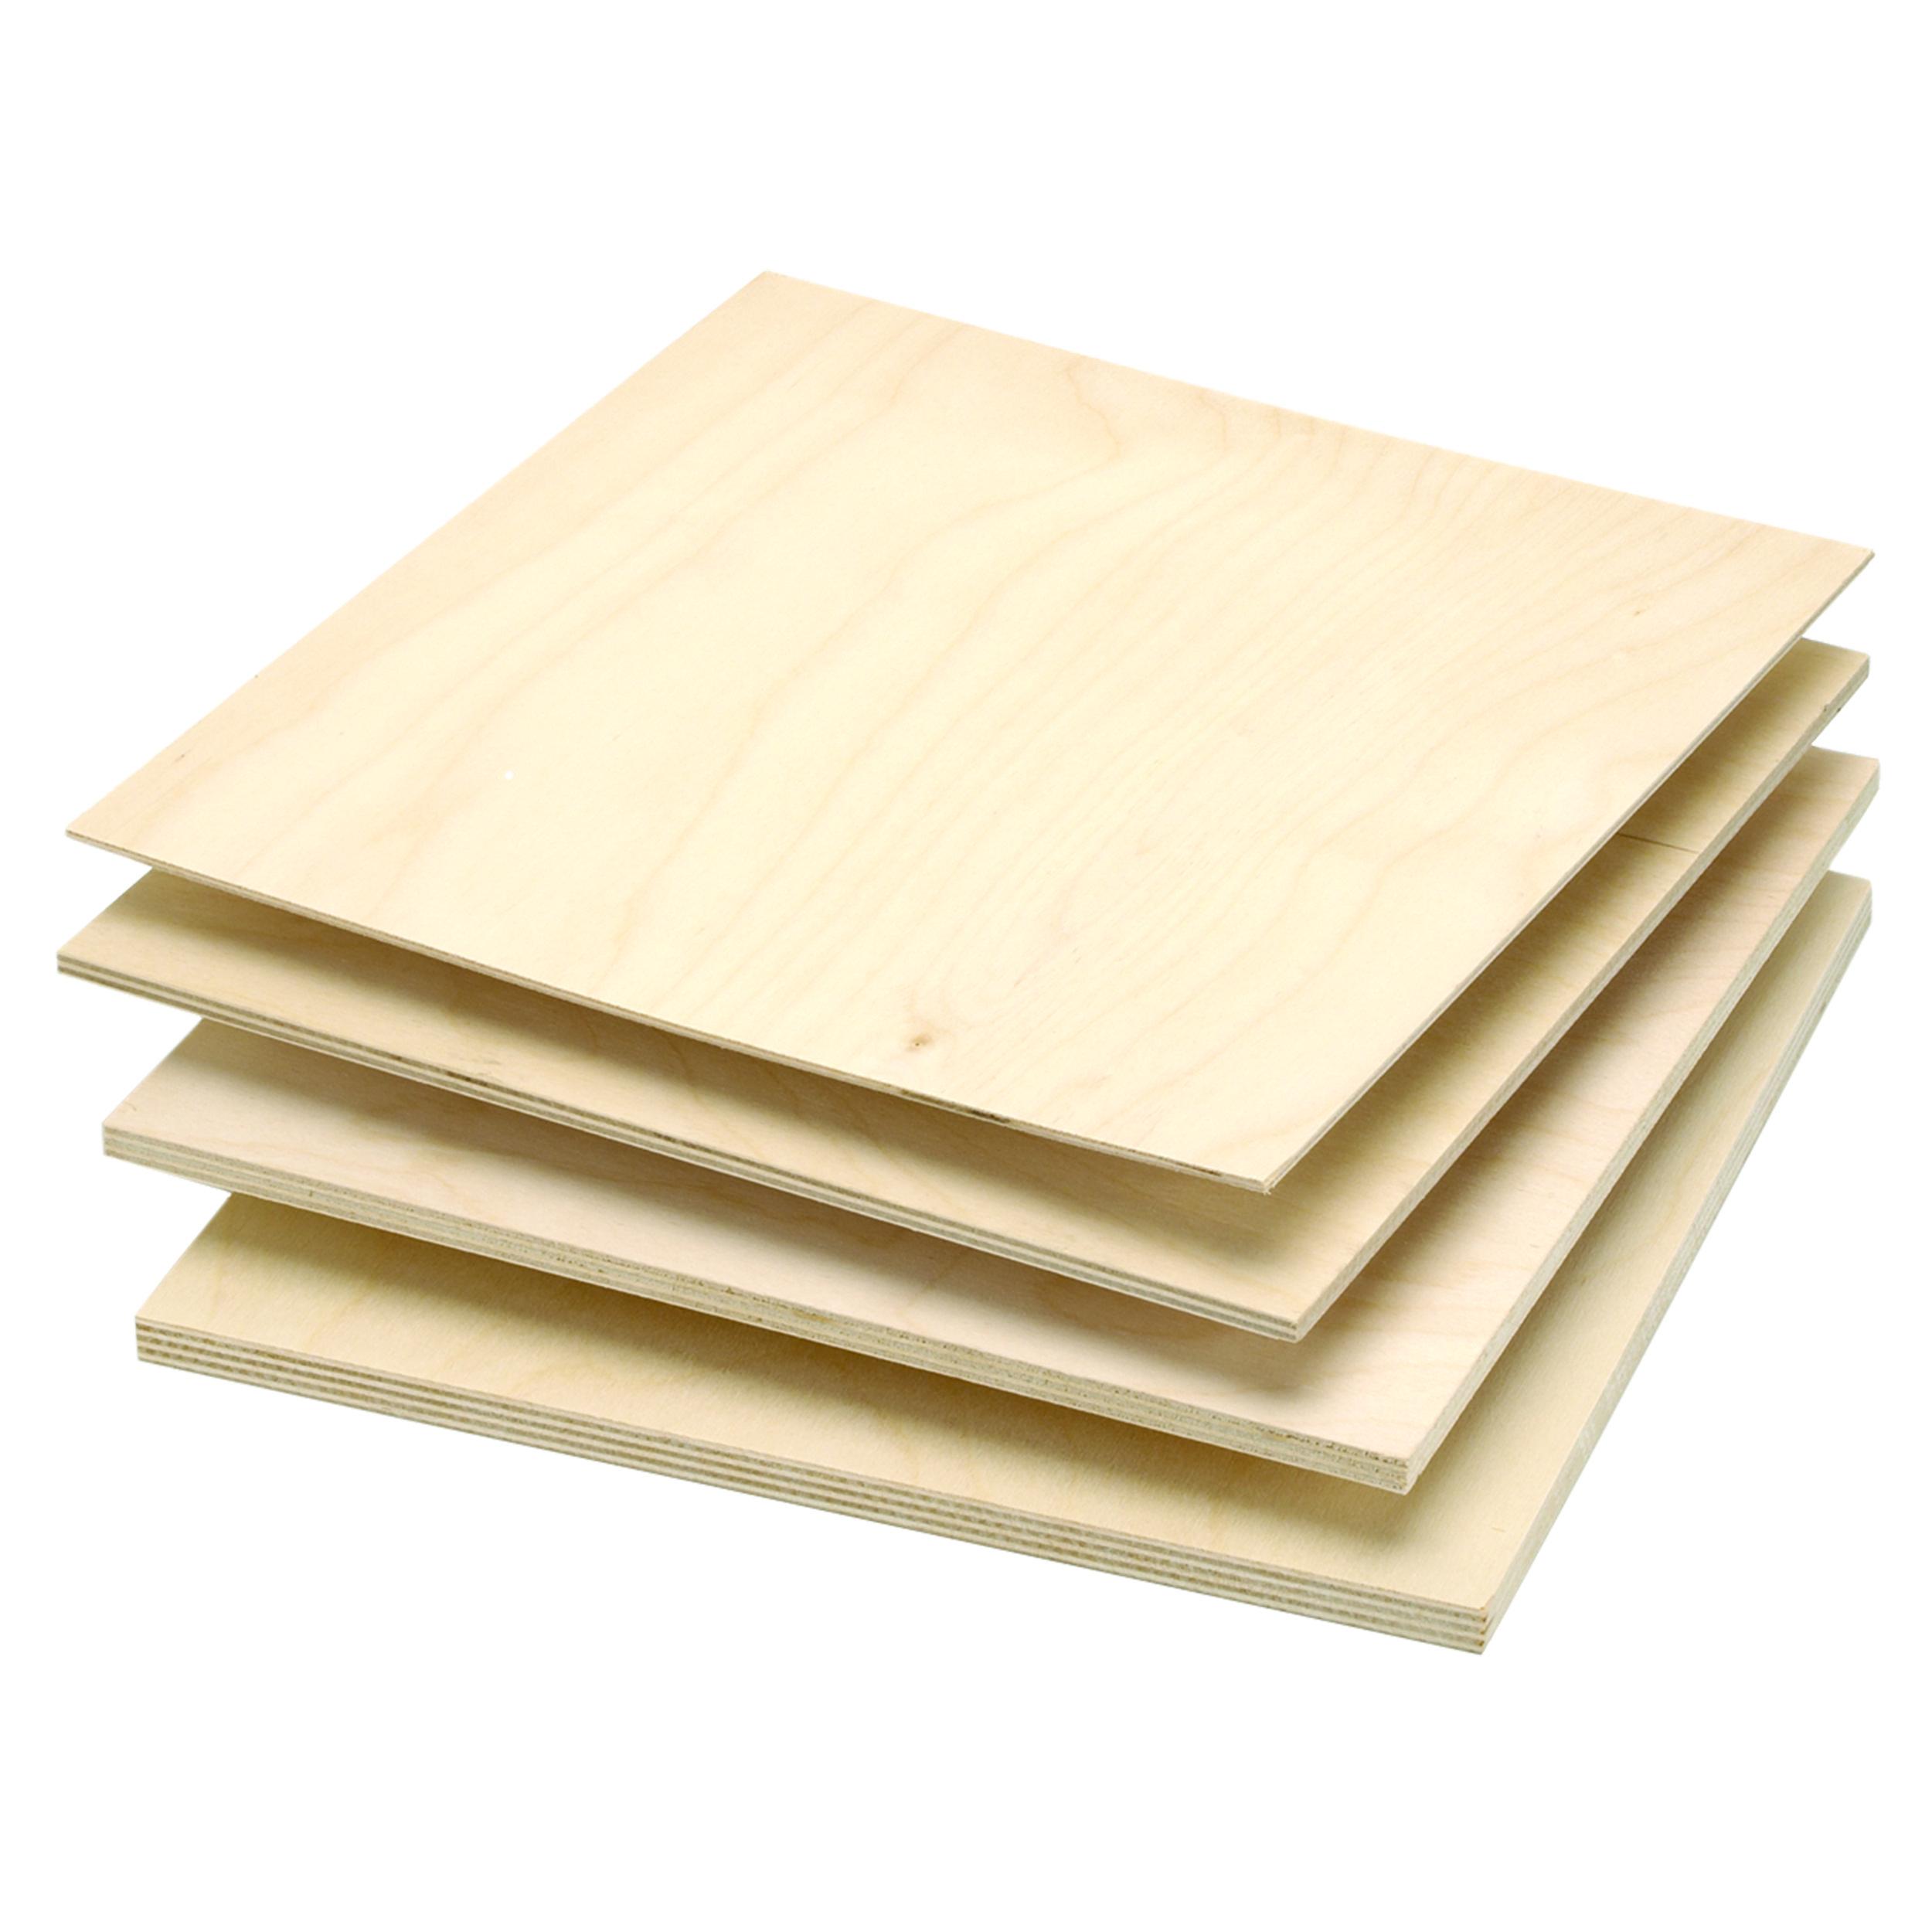 Baltic Birch Plywood 6mm 1 4 X 12 X 12 Baltic Birch Plywood Plywood Baltic Birch